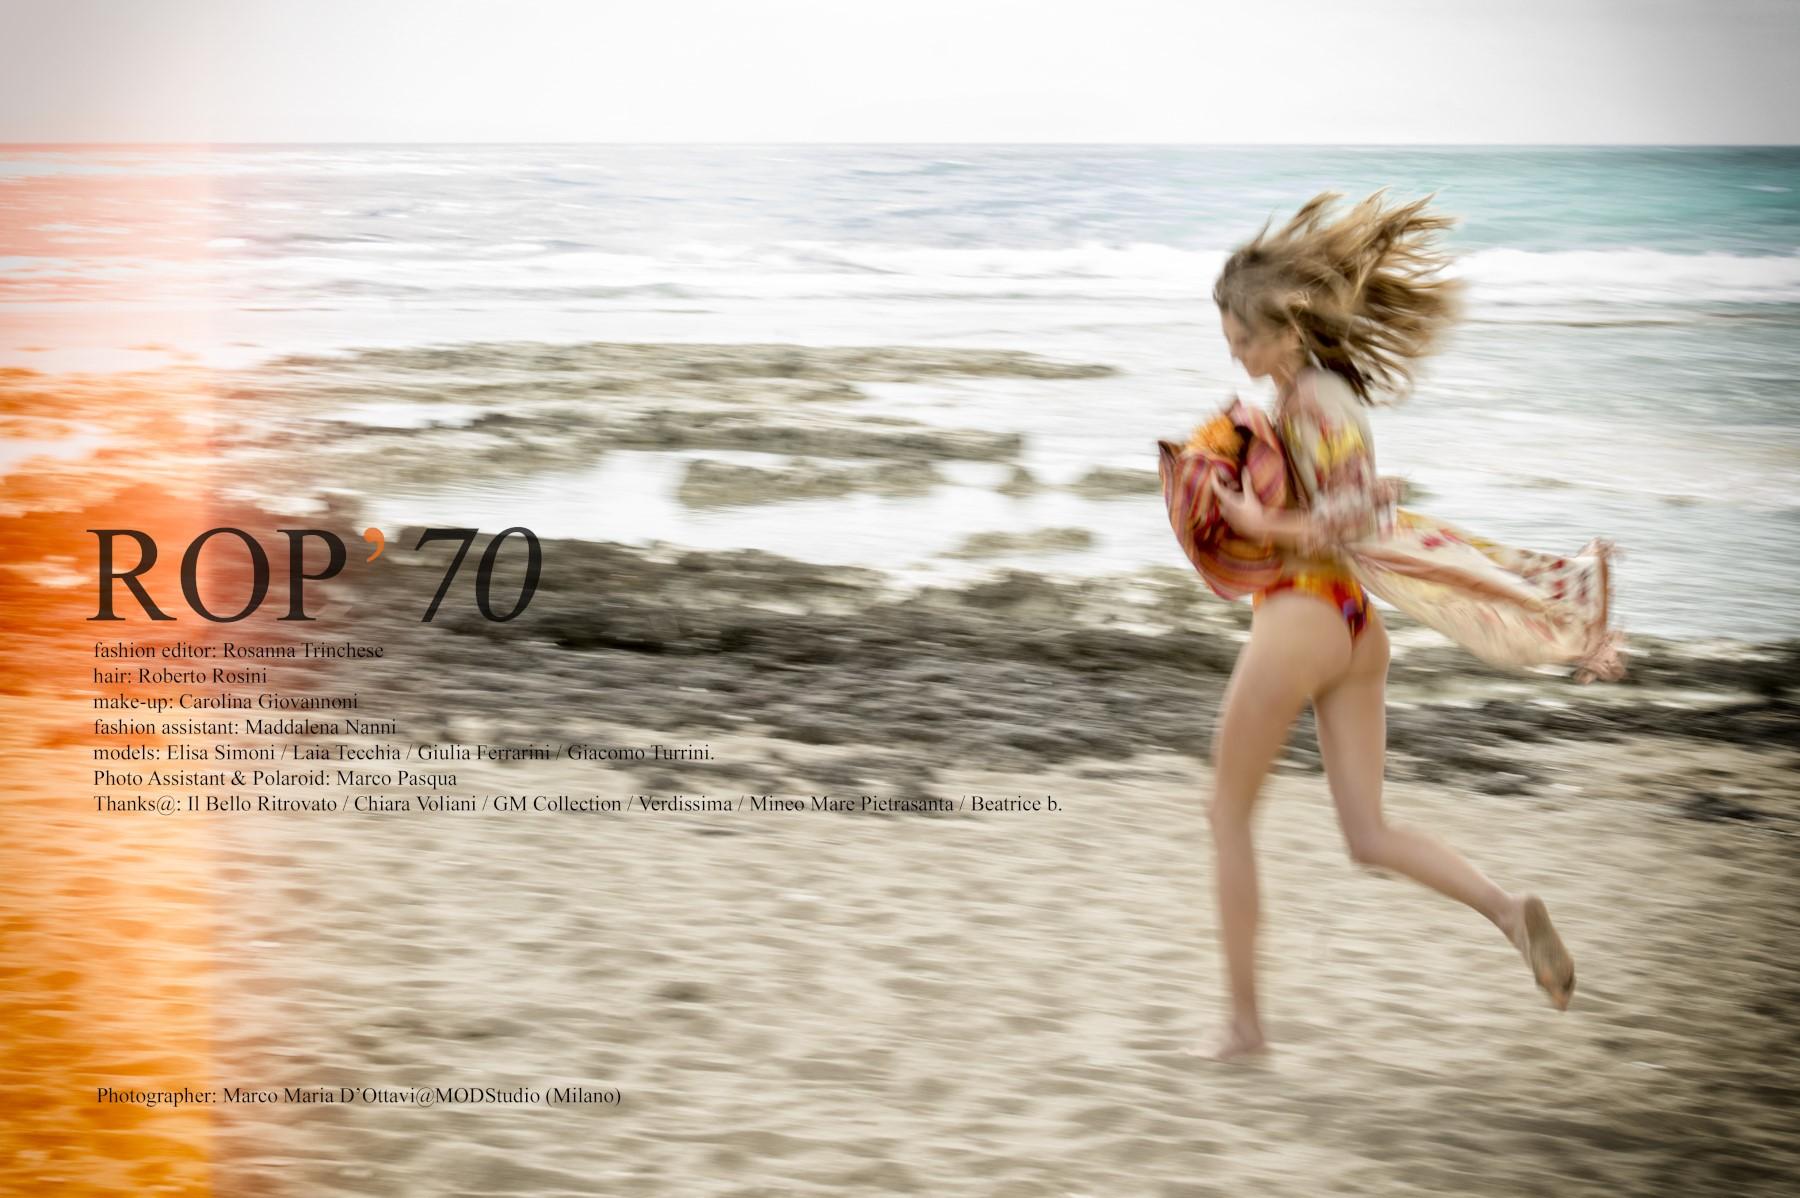 ROP70_000_editoriale Fashion/Adv